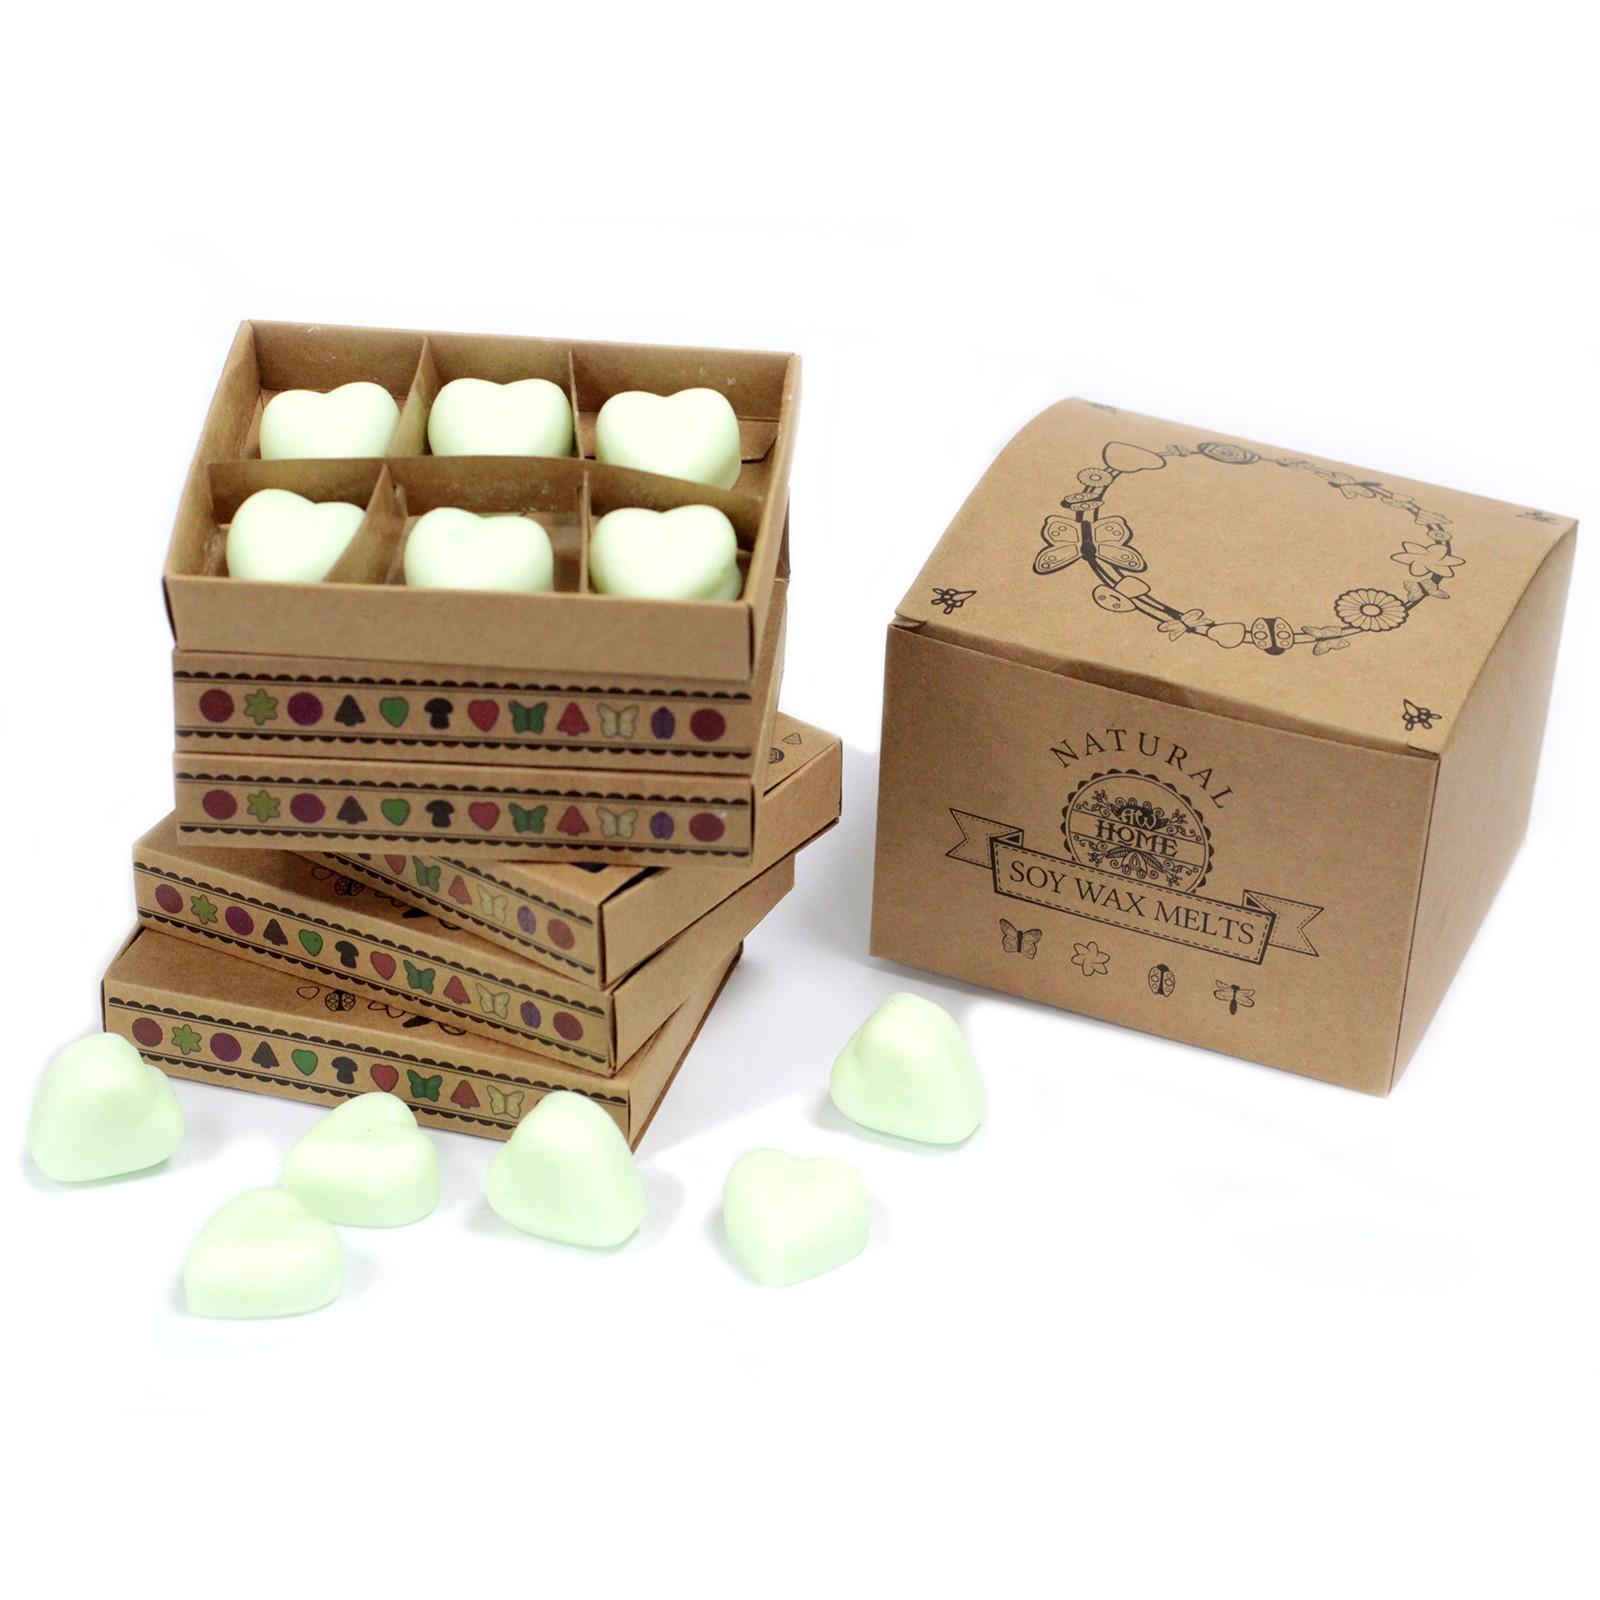 Box of 6 Wax Melts Brandy Butter